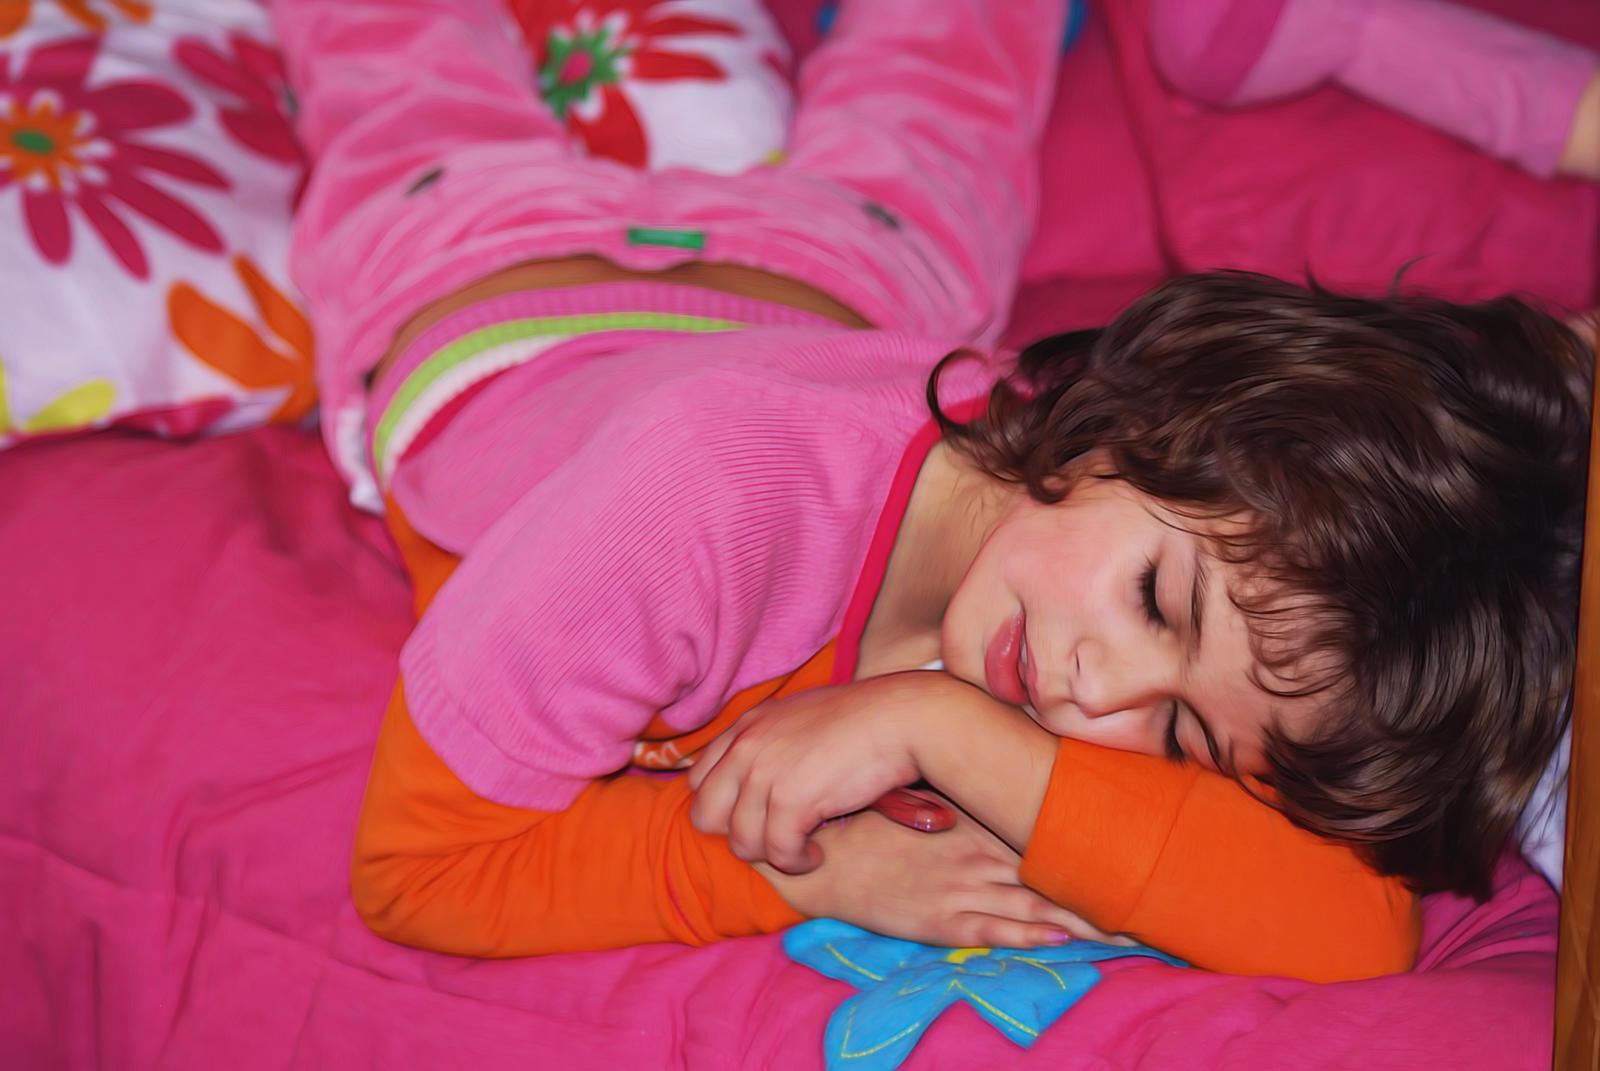 Sleeping Beauty by LetinhaMyAngel